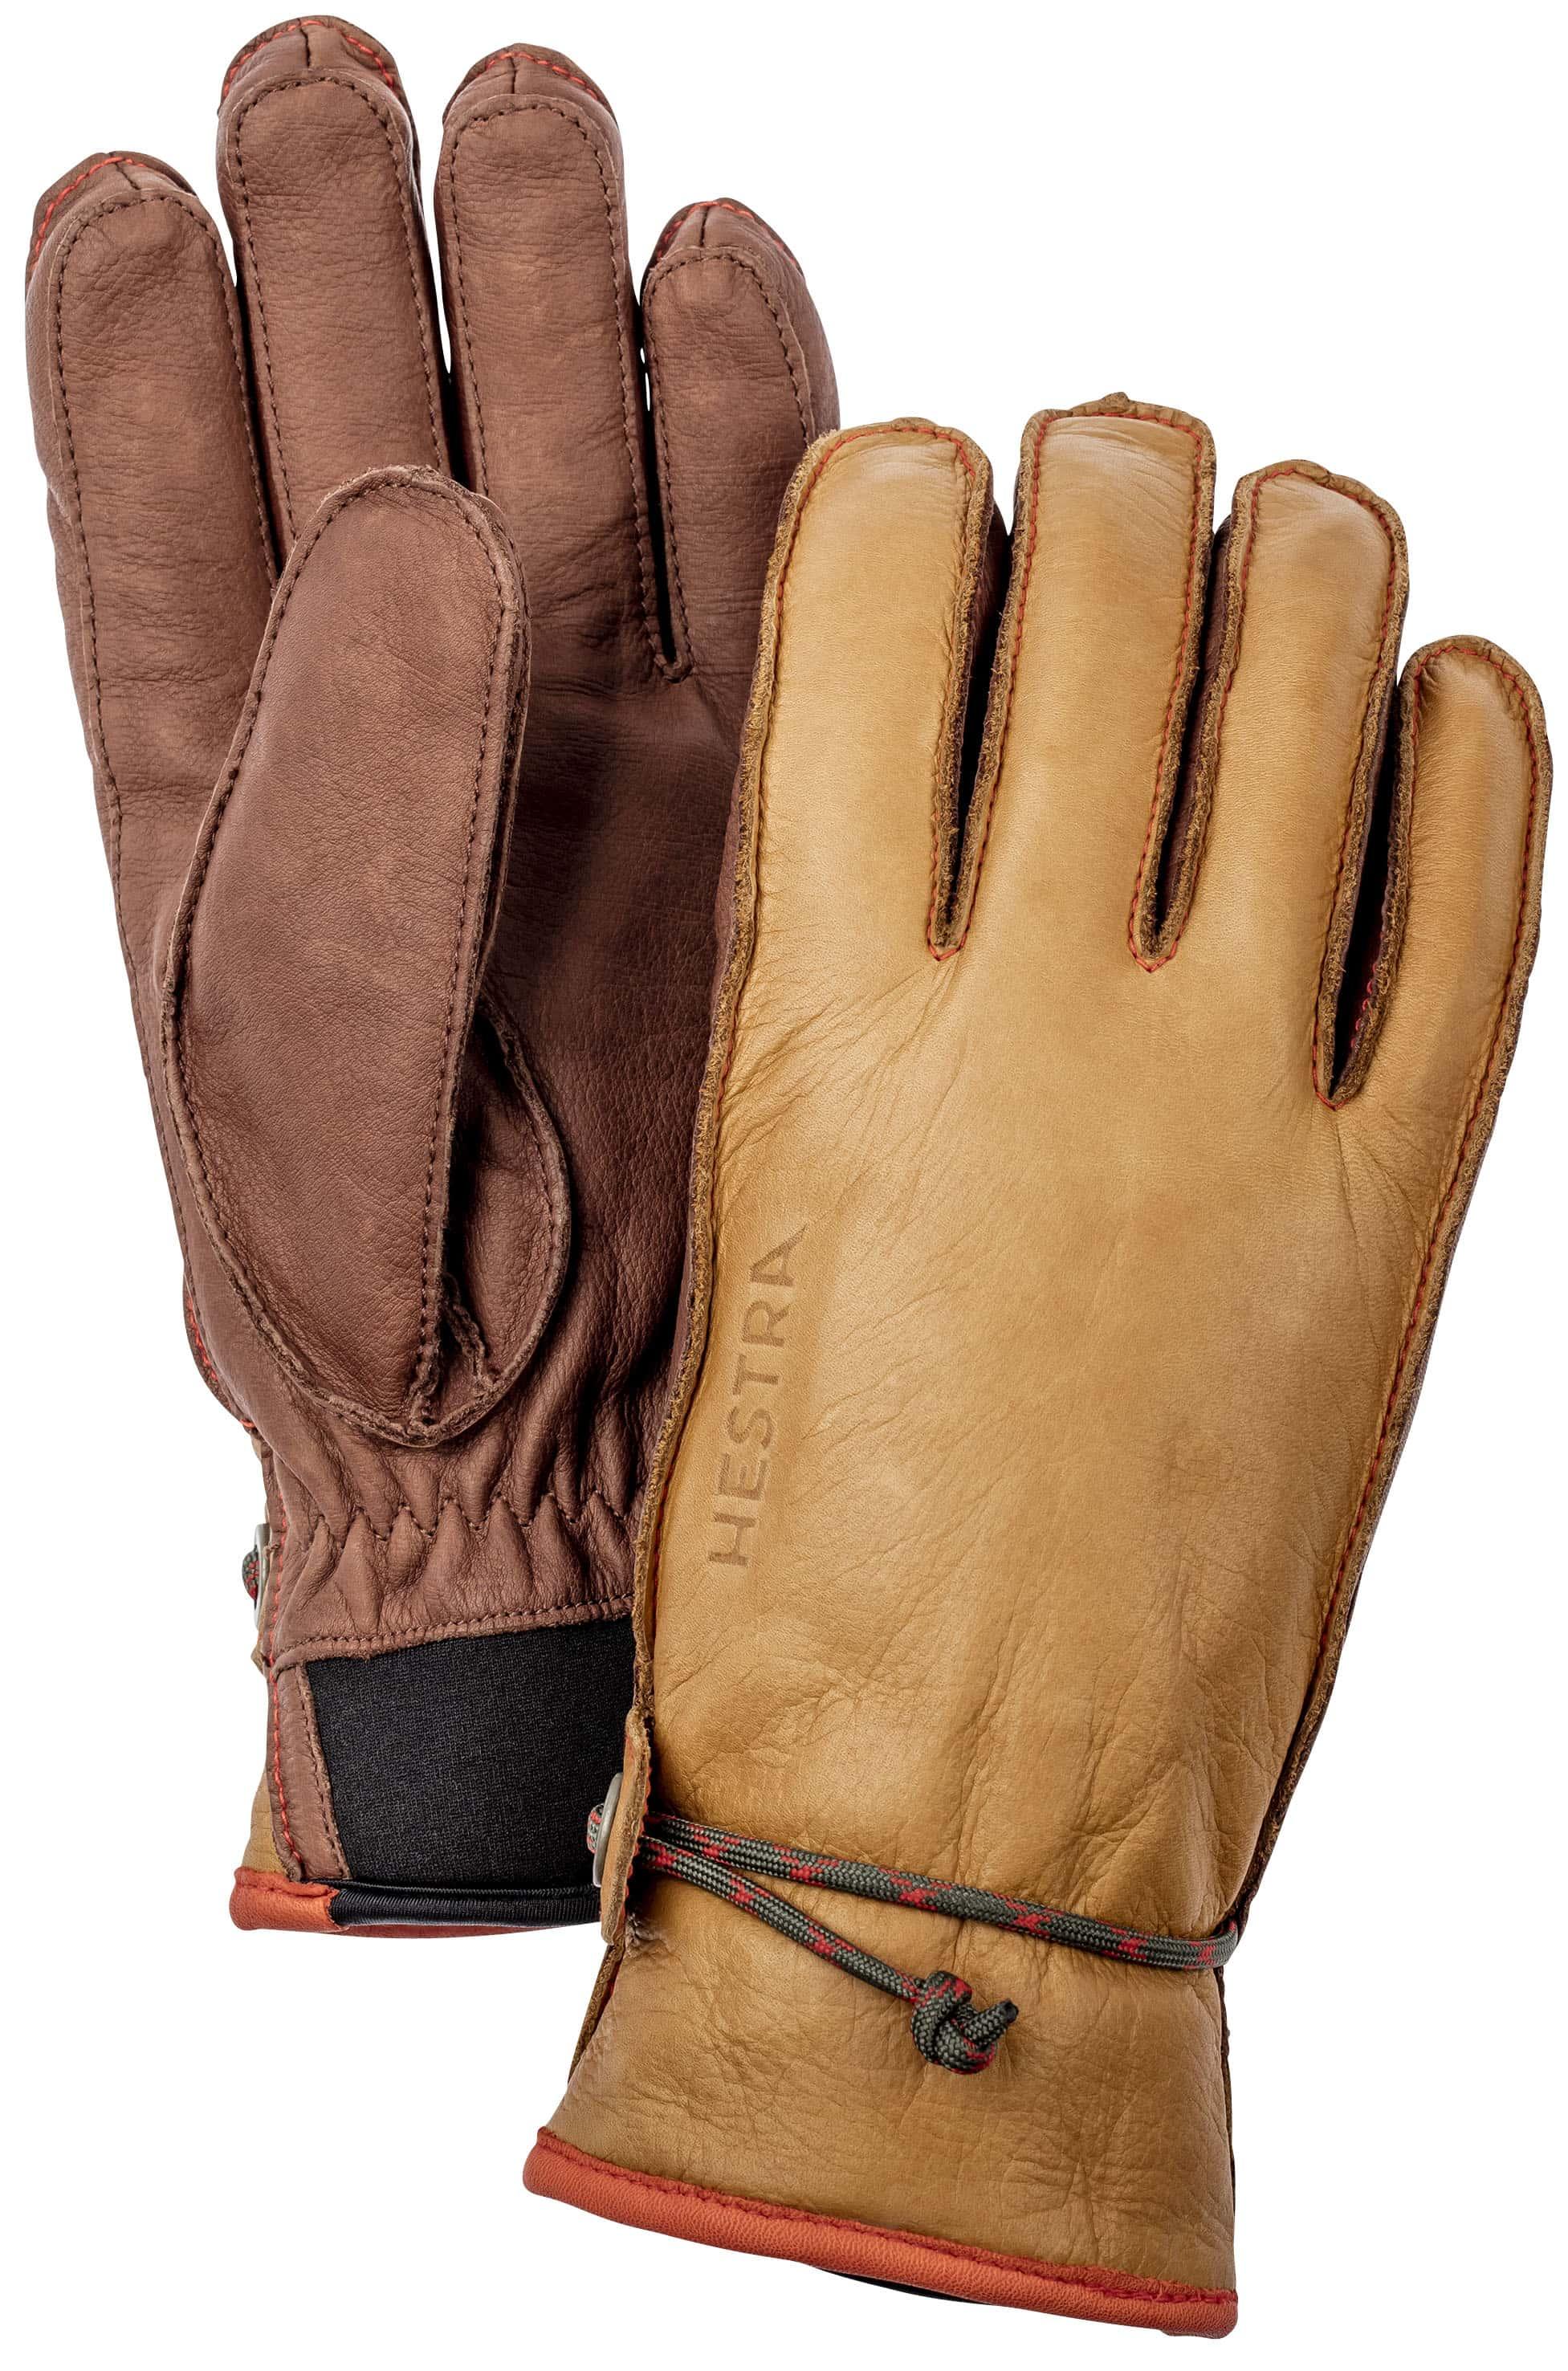 Hochwertige Materialien umschließen deine Hände im Wakayama. (Source: Hestra)